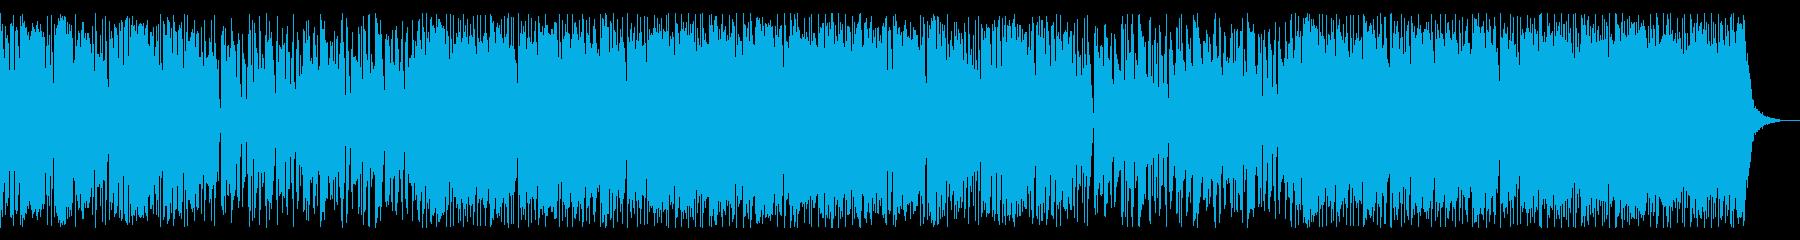 浮遊感&クール切ない女性VoのK-POPの再生済みの波形